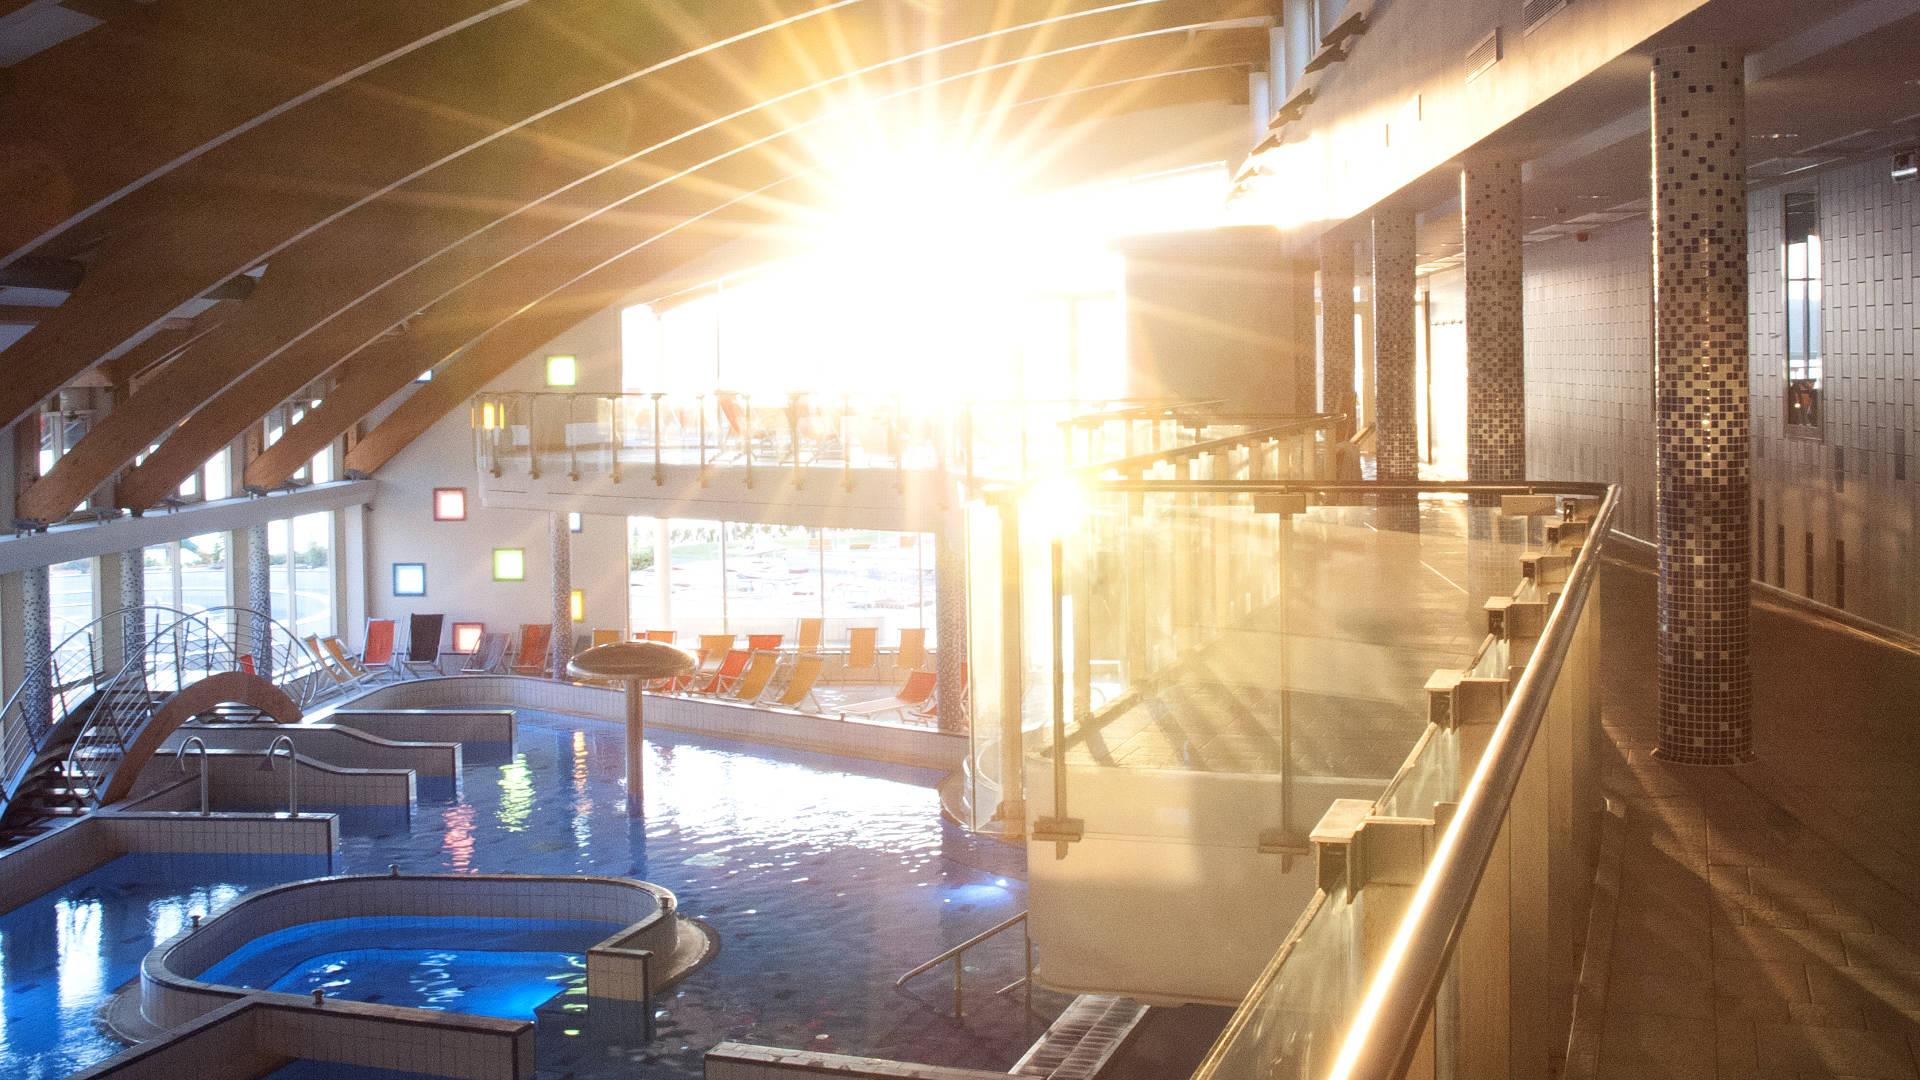 Velence Resort & Spa - Fotó a wellness részlegről